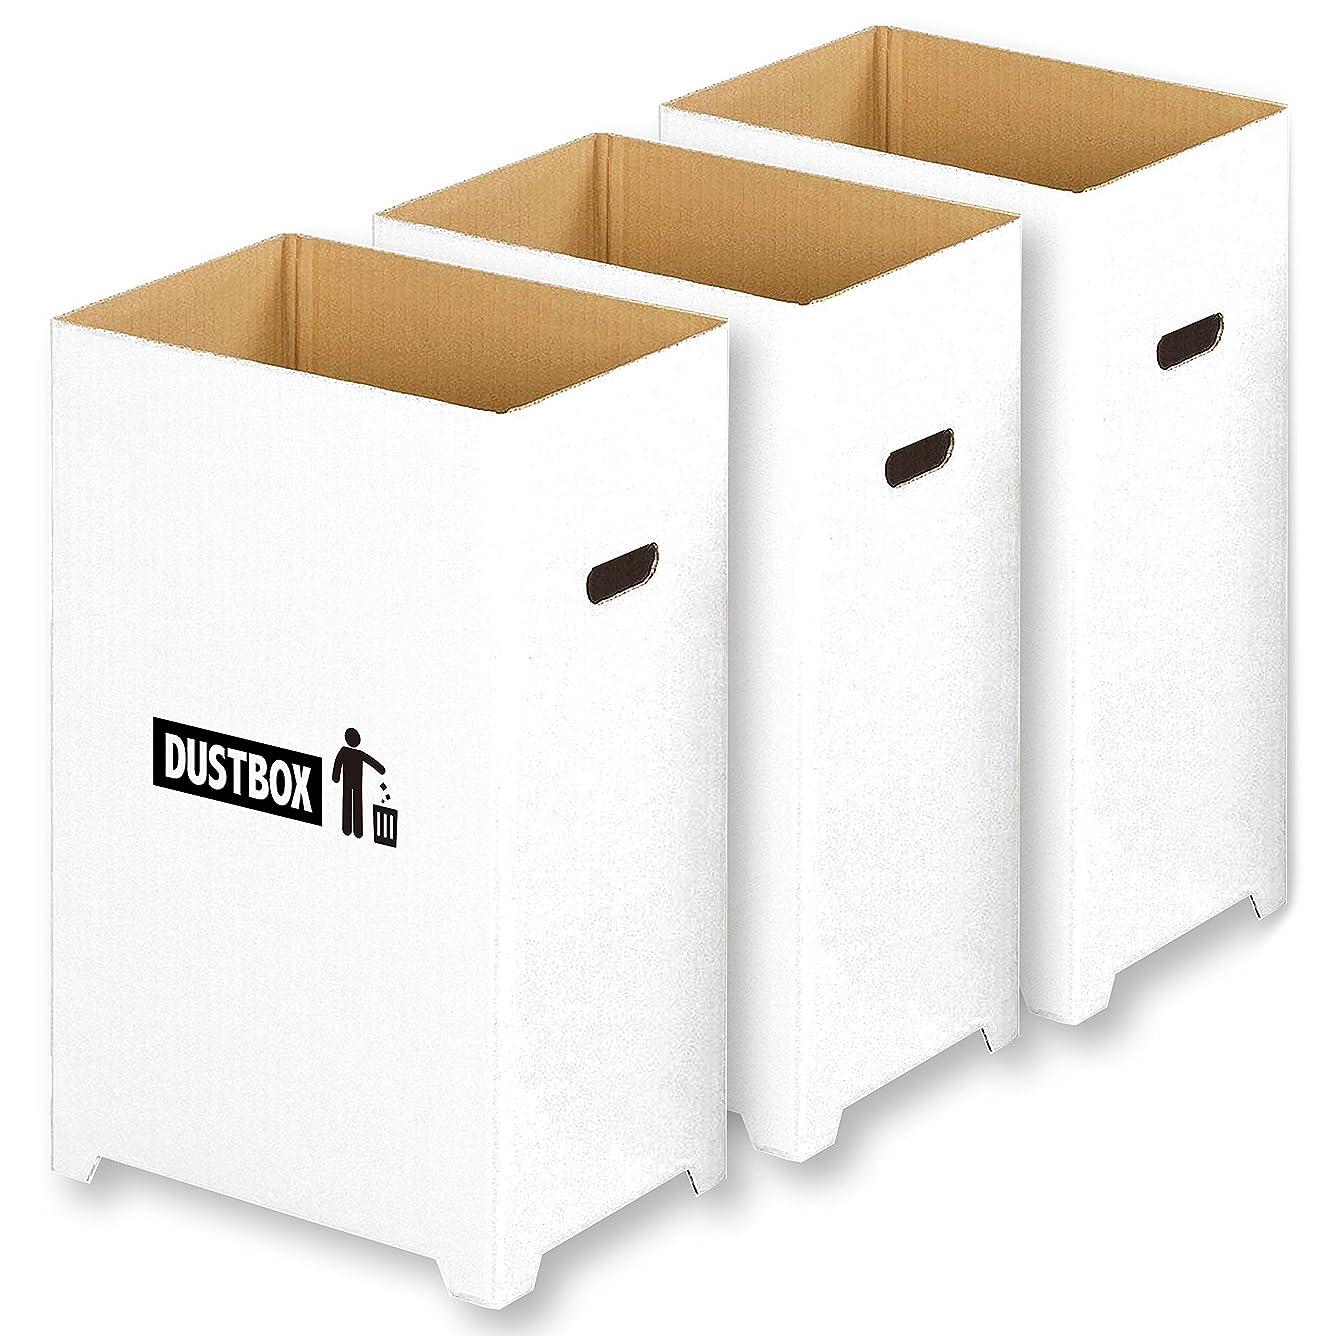 卵継承インシュレータ【Amazon.co.jp限定】 撥水加工 組み立て簡単 足つき 汚れに強い おしゃれで スリム な ダンボール ダストボックス 分別 ゴミ箱 3個組 ( 45リットル ゴミ袋 対応)